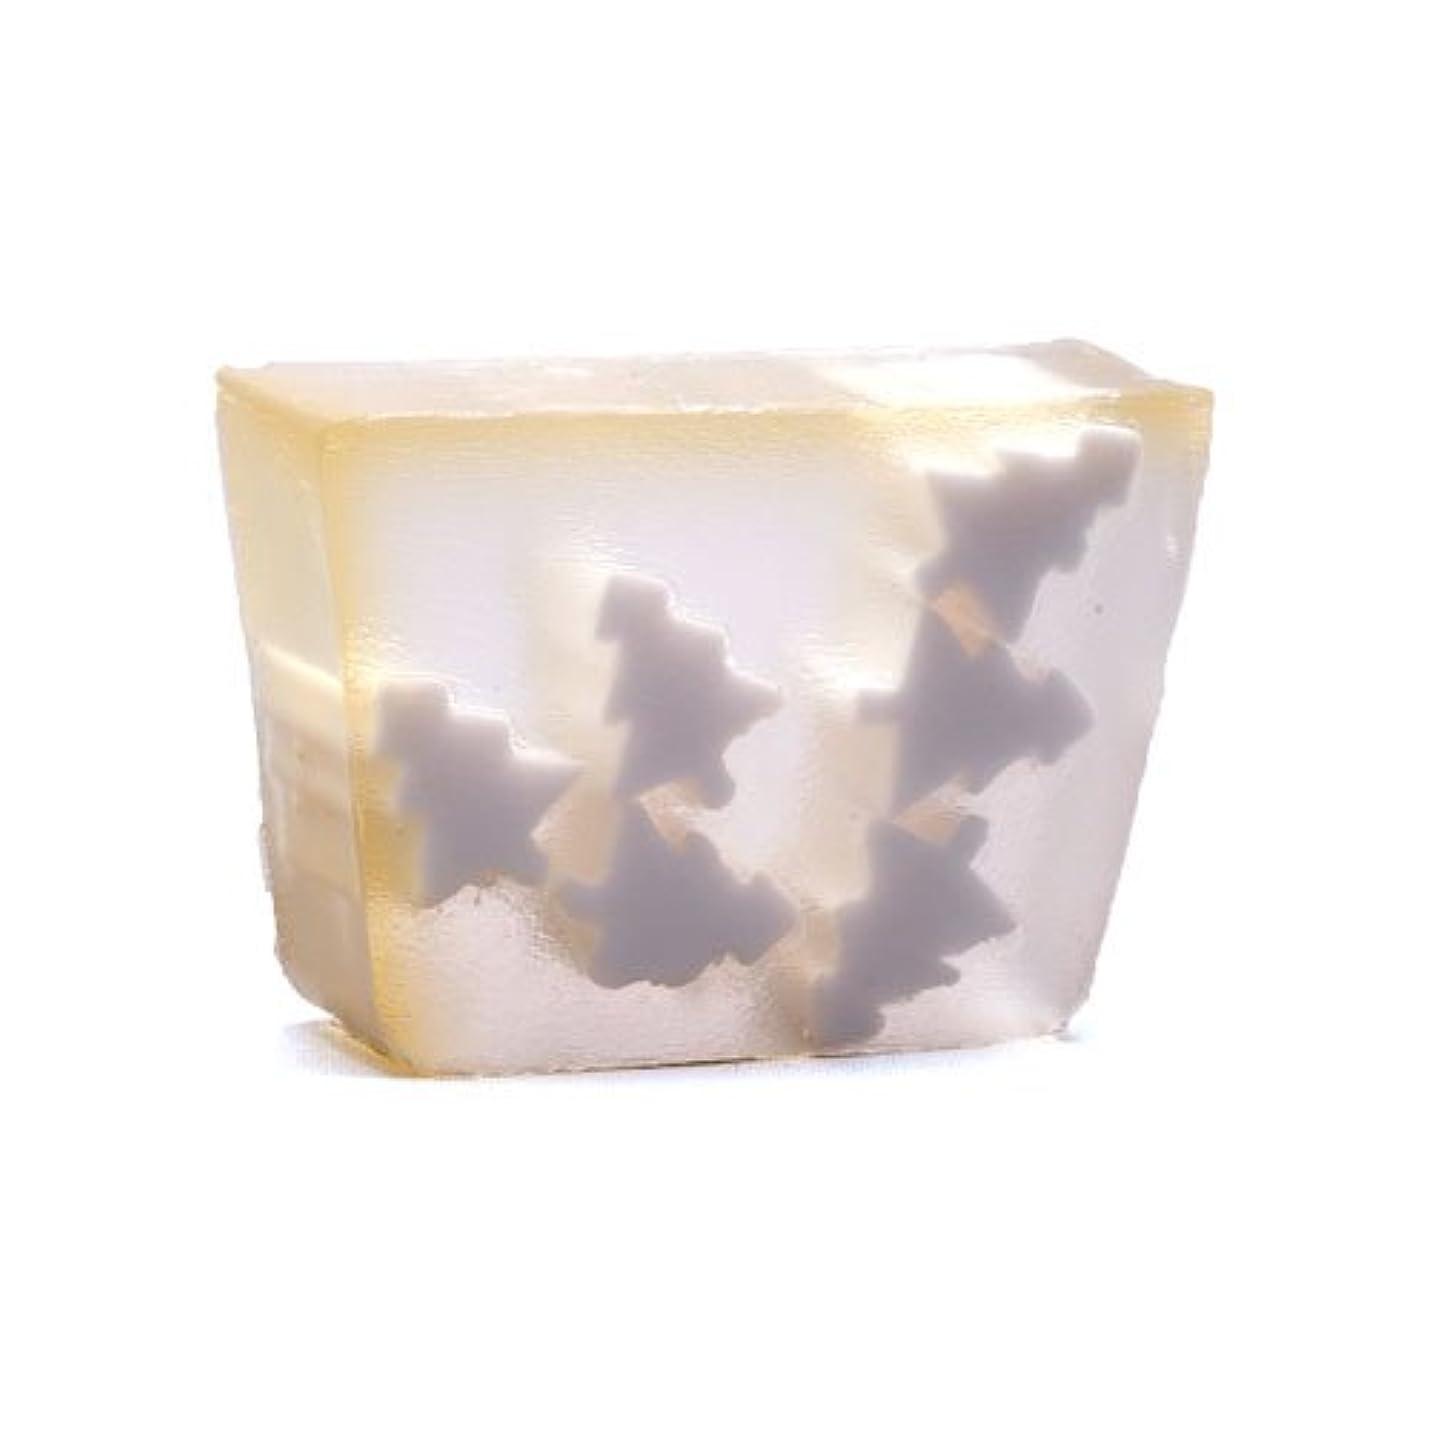 定期的シリアルゴールプライモールエレメンツ アロマティック ミニソープ ホワイトワンダーランド 80g 植物性 ナチュラル 石鹸 無添加